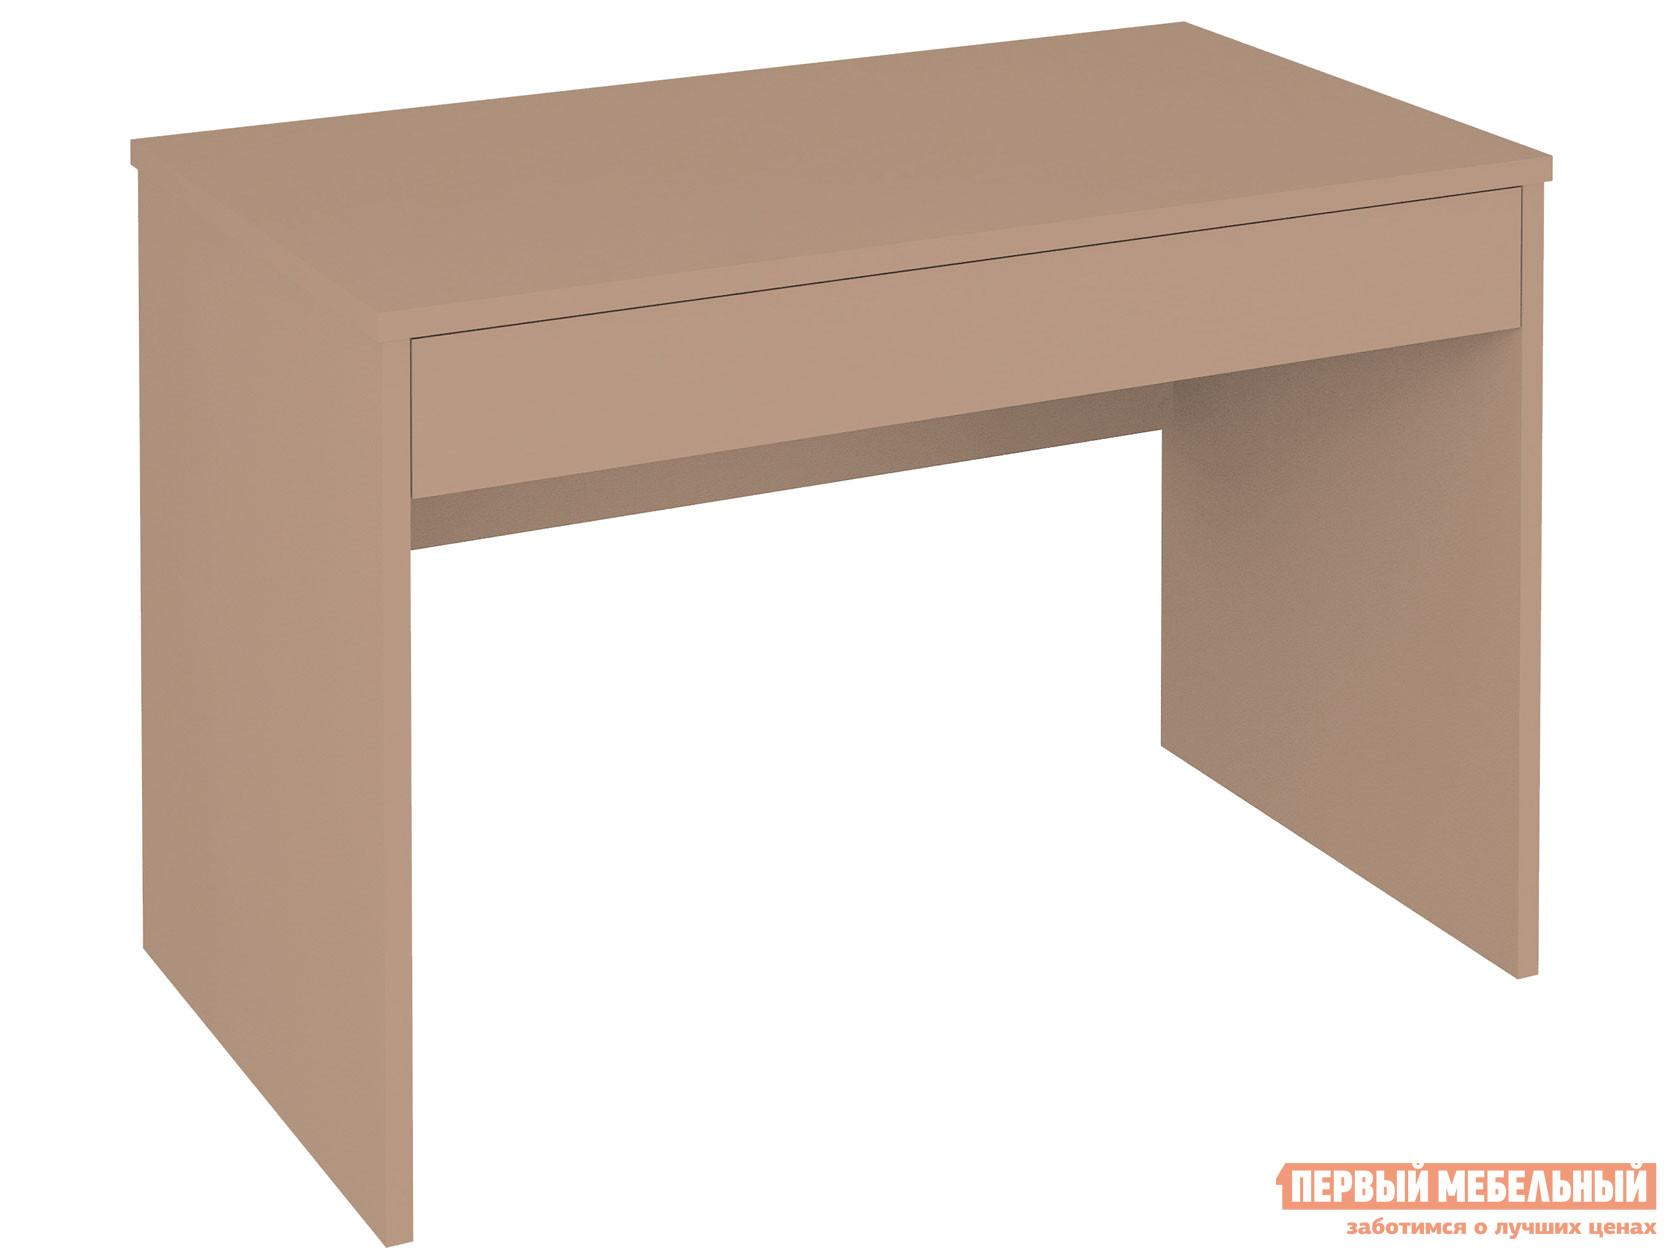 Письменный стол детский ВПК Стол письменный Polini kids City/ Urban